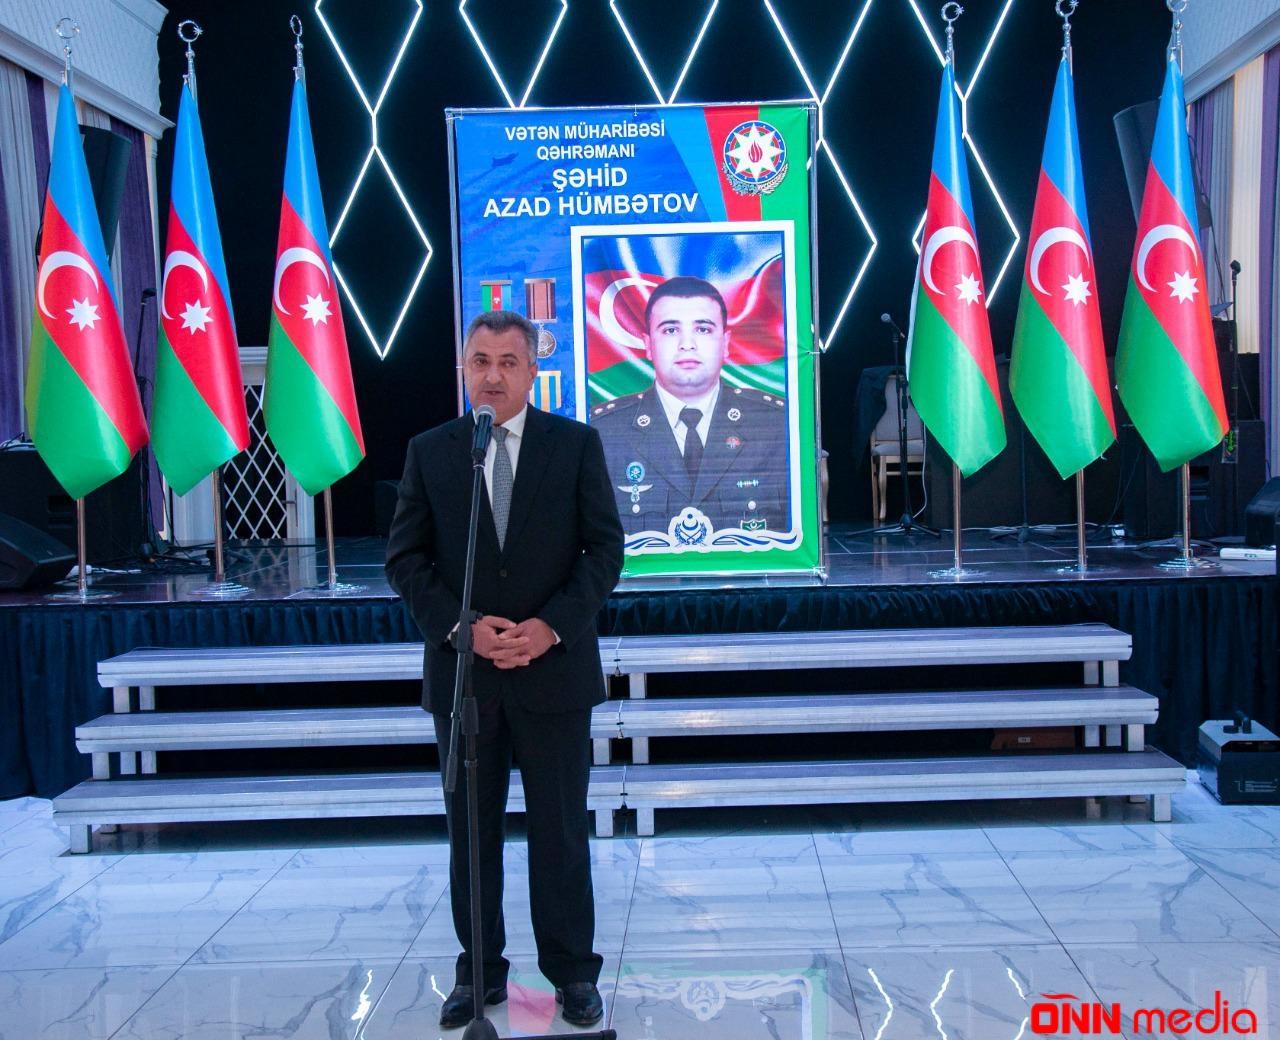 Şəhid Azad Hümbətovun anım tədbiri keçirilib – FOTOLAR